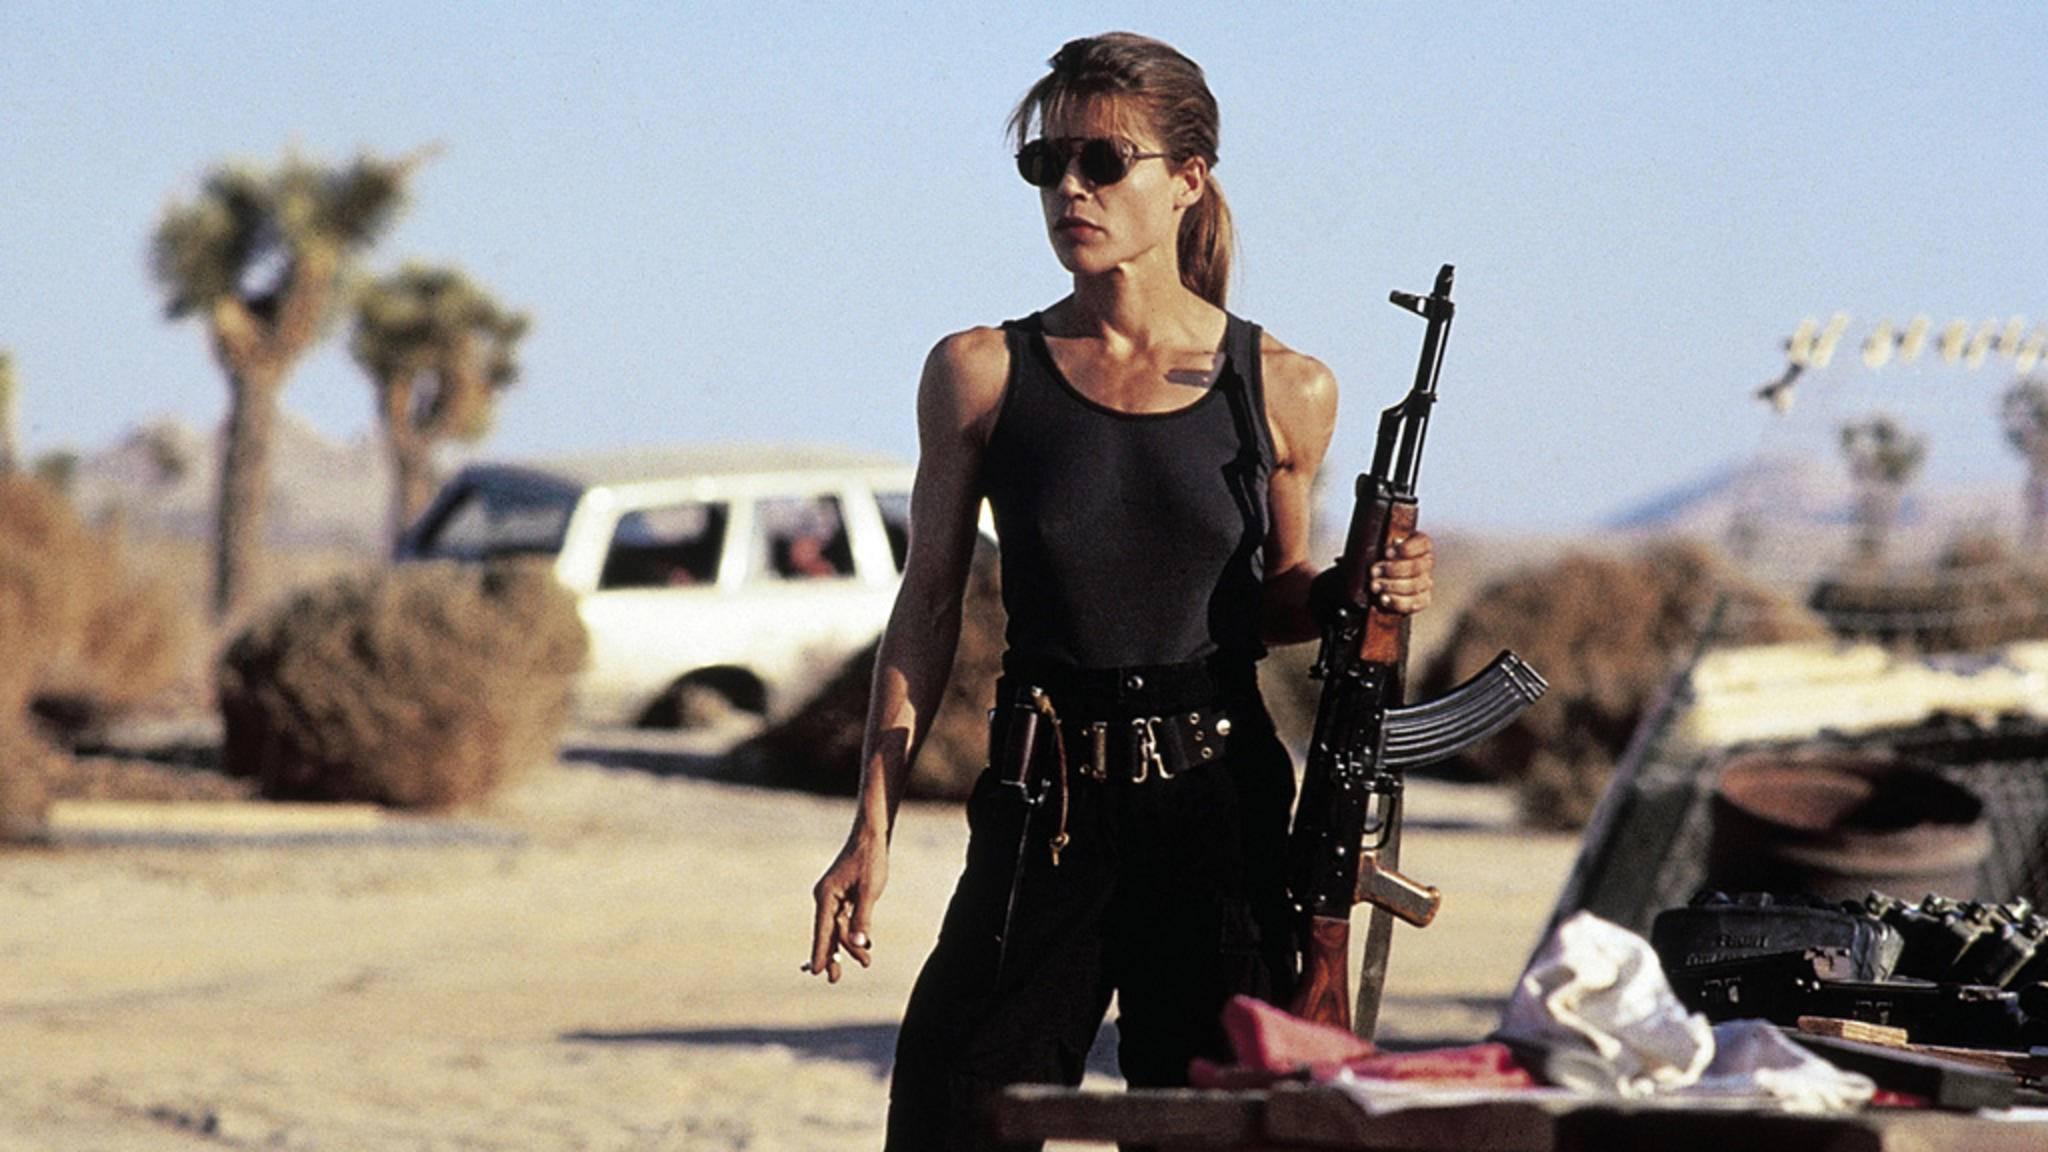 """1991 zeigte sich Sarah Connor (Linda Hamilton) in """"Terminator 2: Tag der Abrechnung"""" von ihrer schlagkräftigen Seite. In """"Terminator 6"""" zieht sie erneut in den Kampf."""